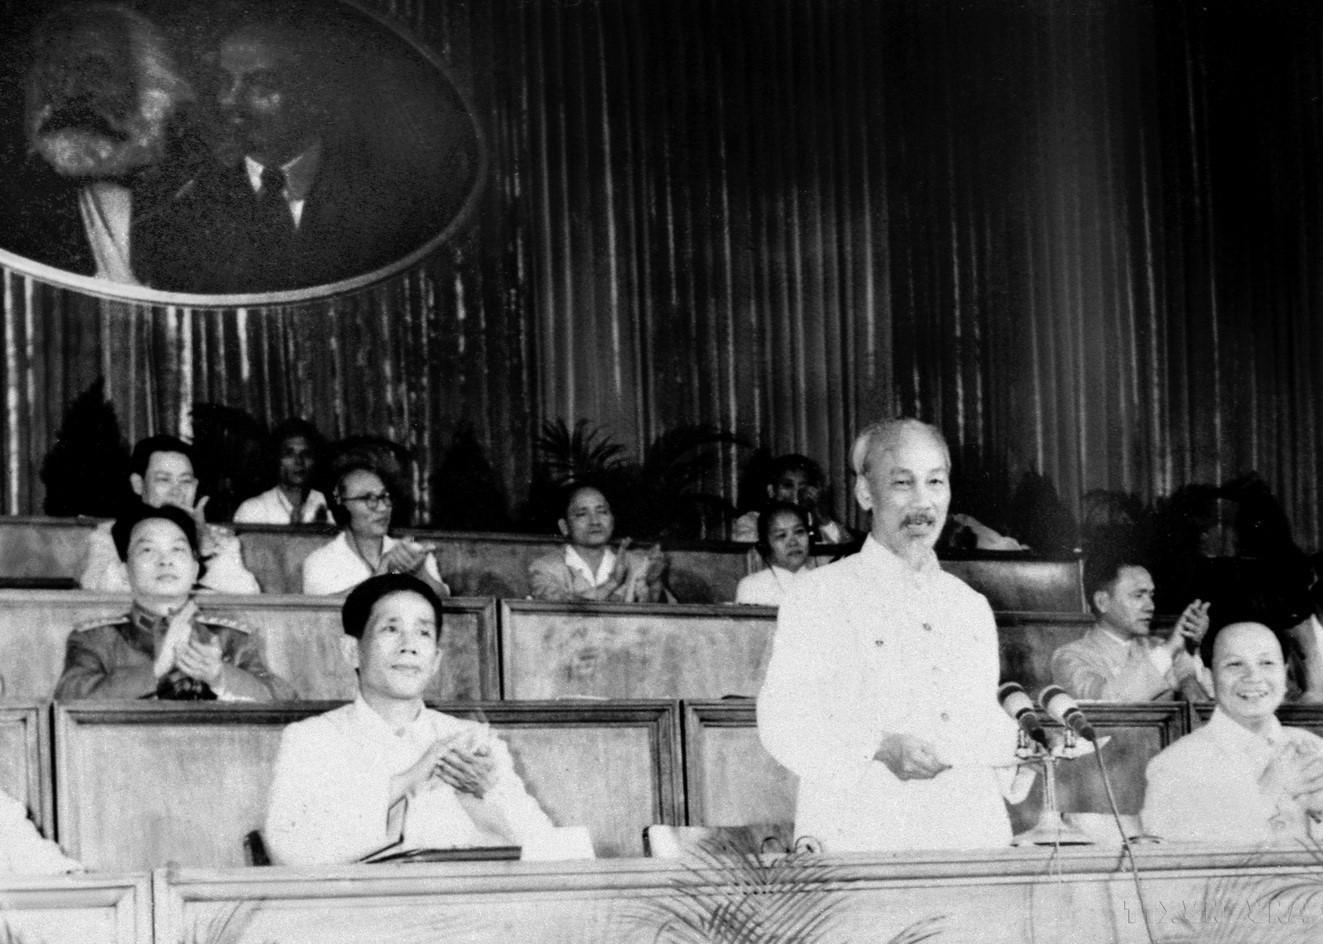 Đại hội đại biểu toàn quốc Đảng Lao động Việt Nam lần thứ III (5-10/9/1960), tại Hà Nội. (Nguồn: TTXVN)